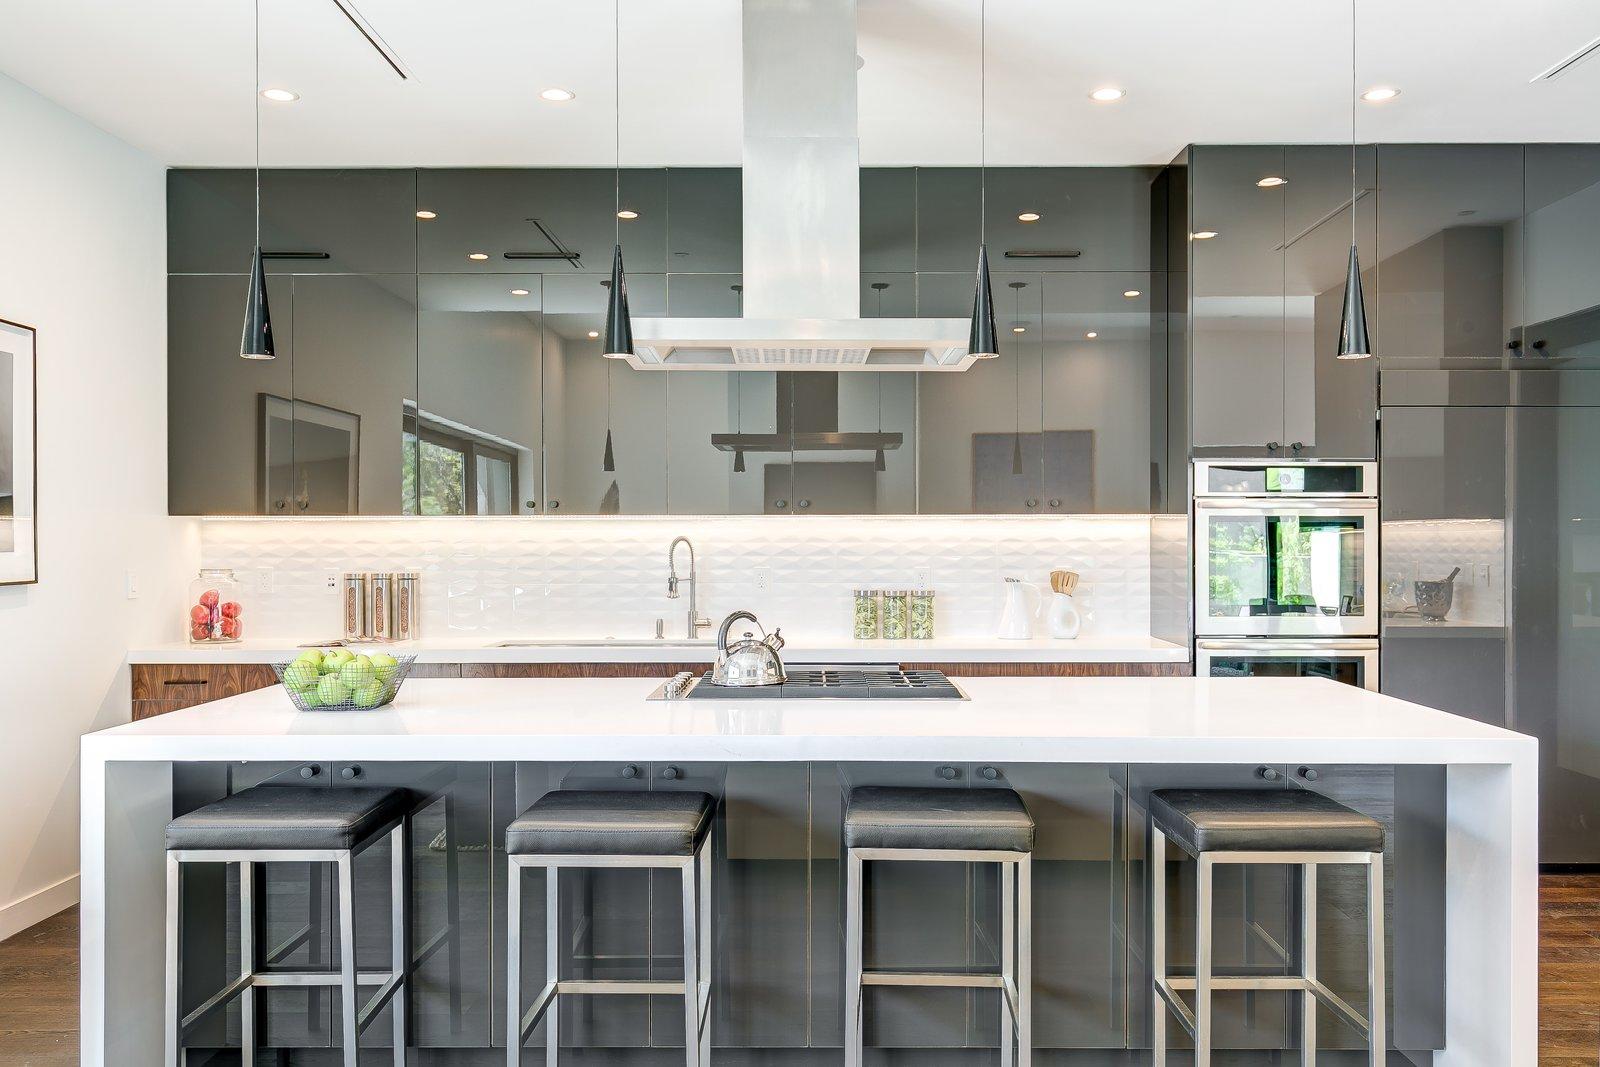 Kitchen, Engineered Quartz Counter, Medium Hardwood Floor, Pendant Lighting, Refrigerator, Wall Oven, Ceiling Lighting, Drop In Sink, and Cooktops  2701 Armacost